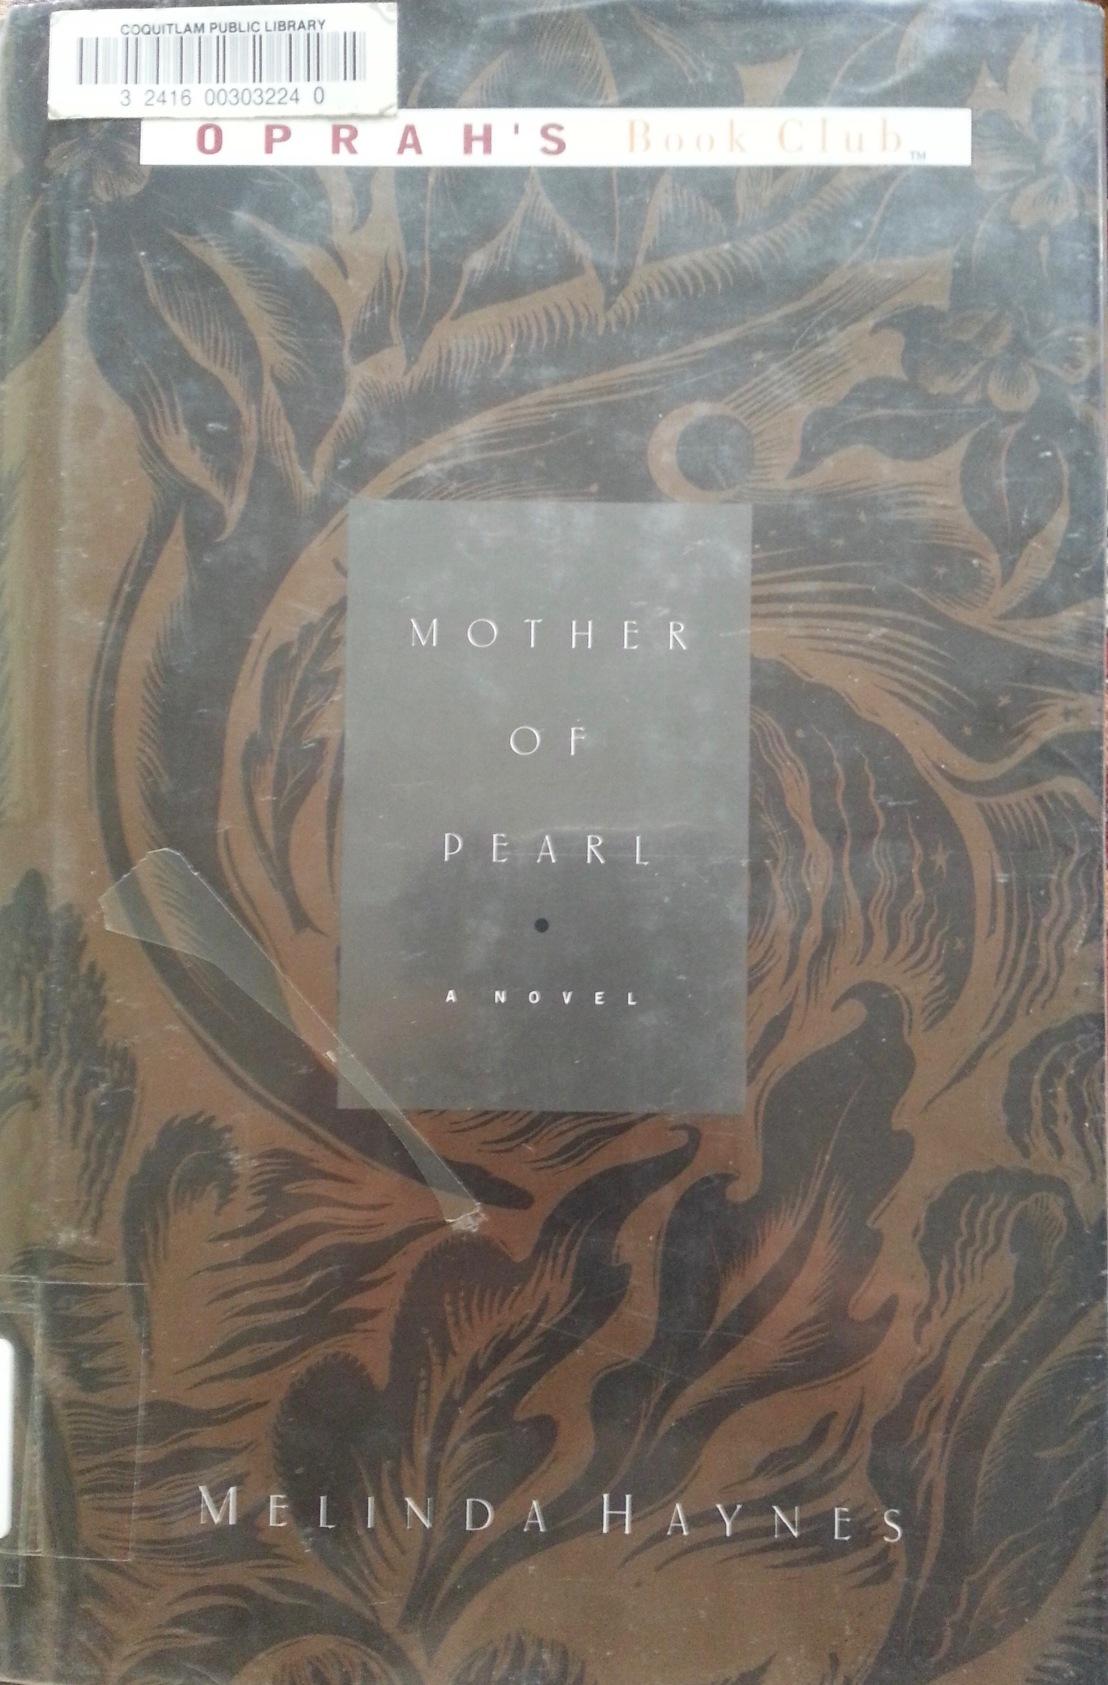 Melinda Haynes' — Mother of Pearl*****